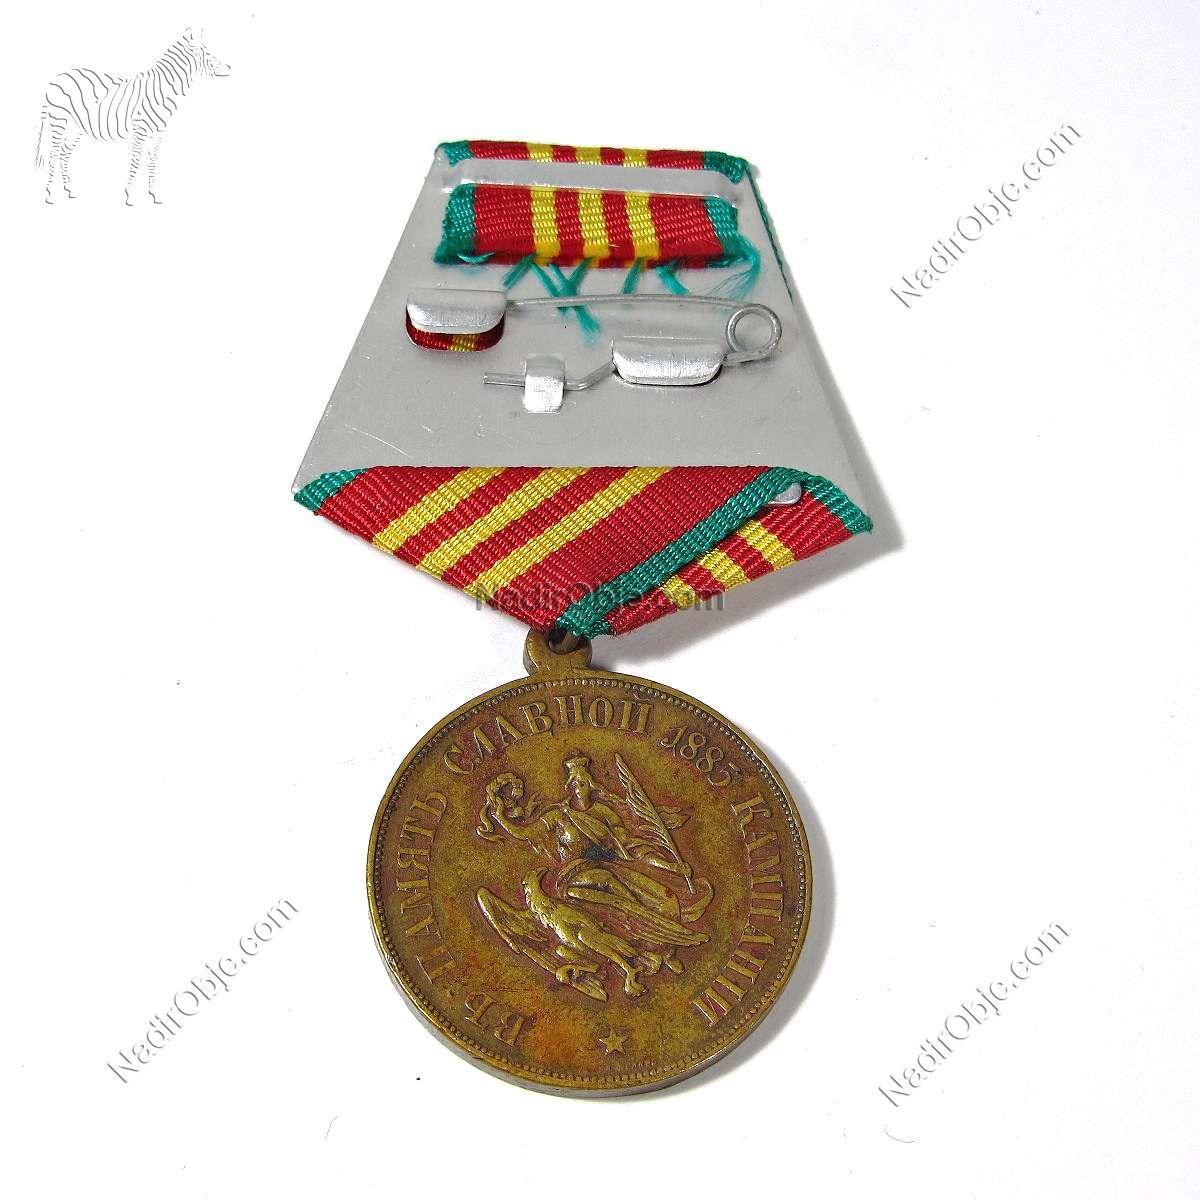 SSCB Madalya Diğer Objeler CCCP